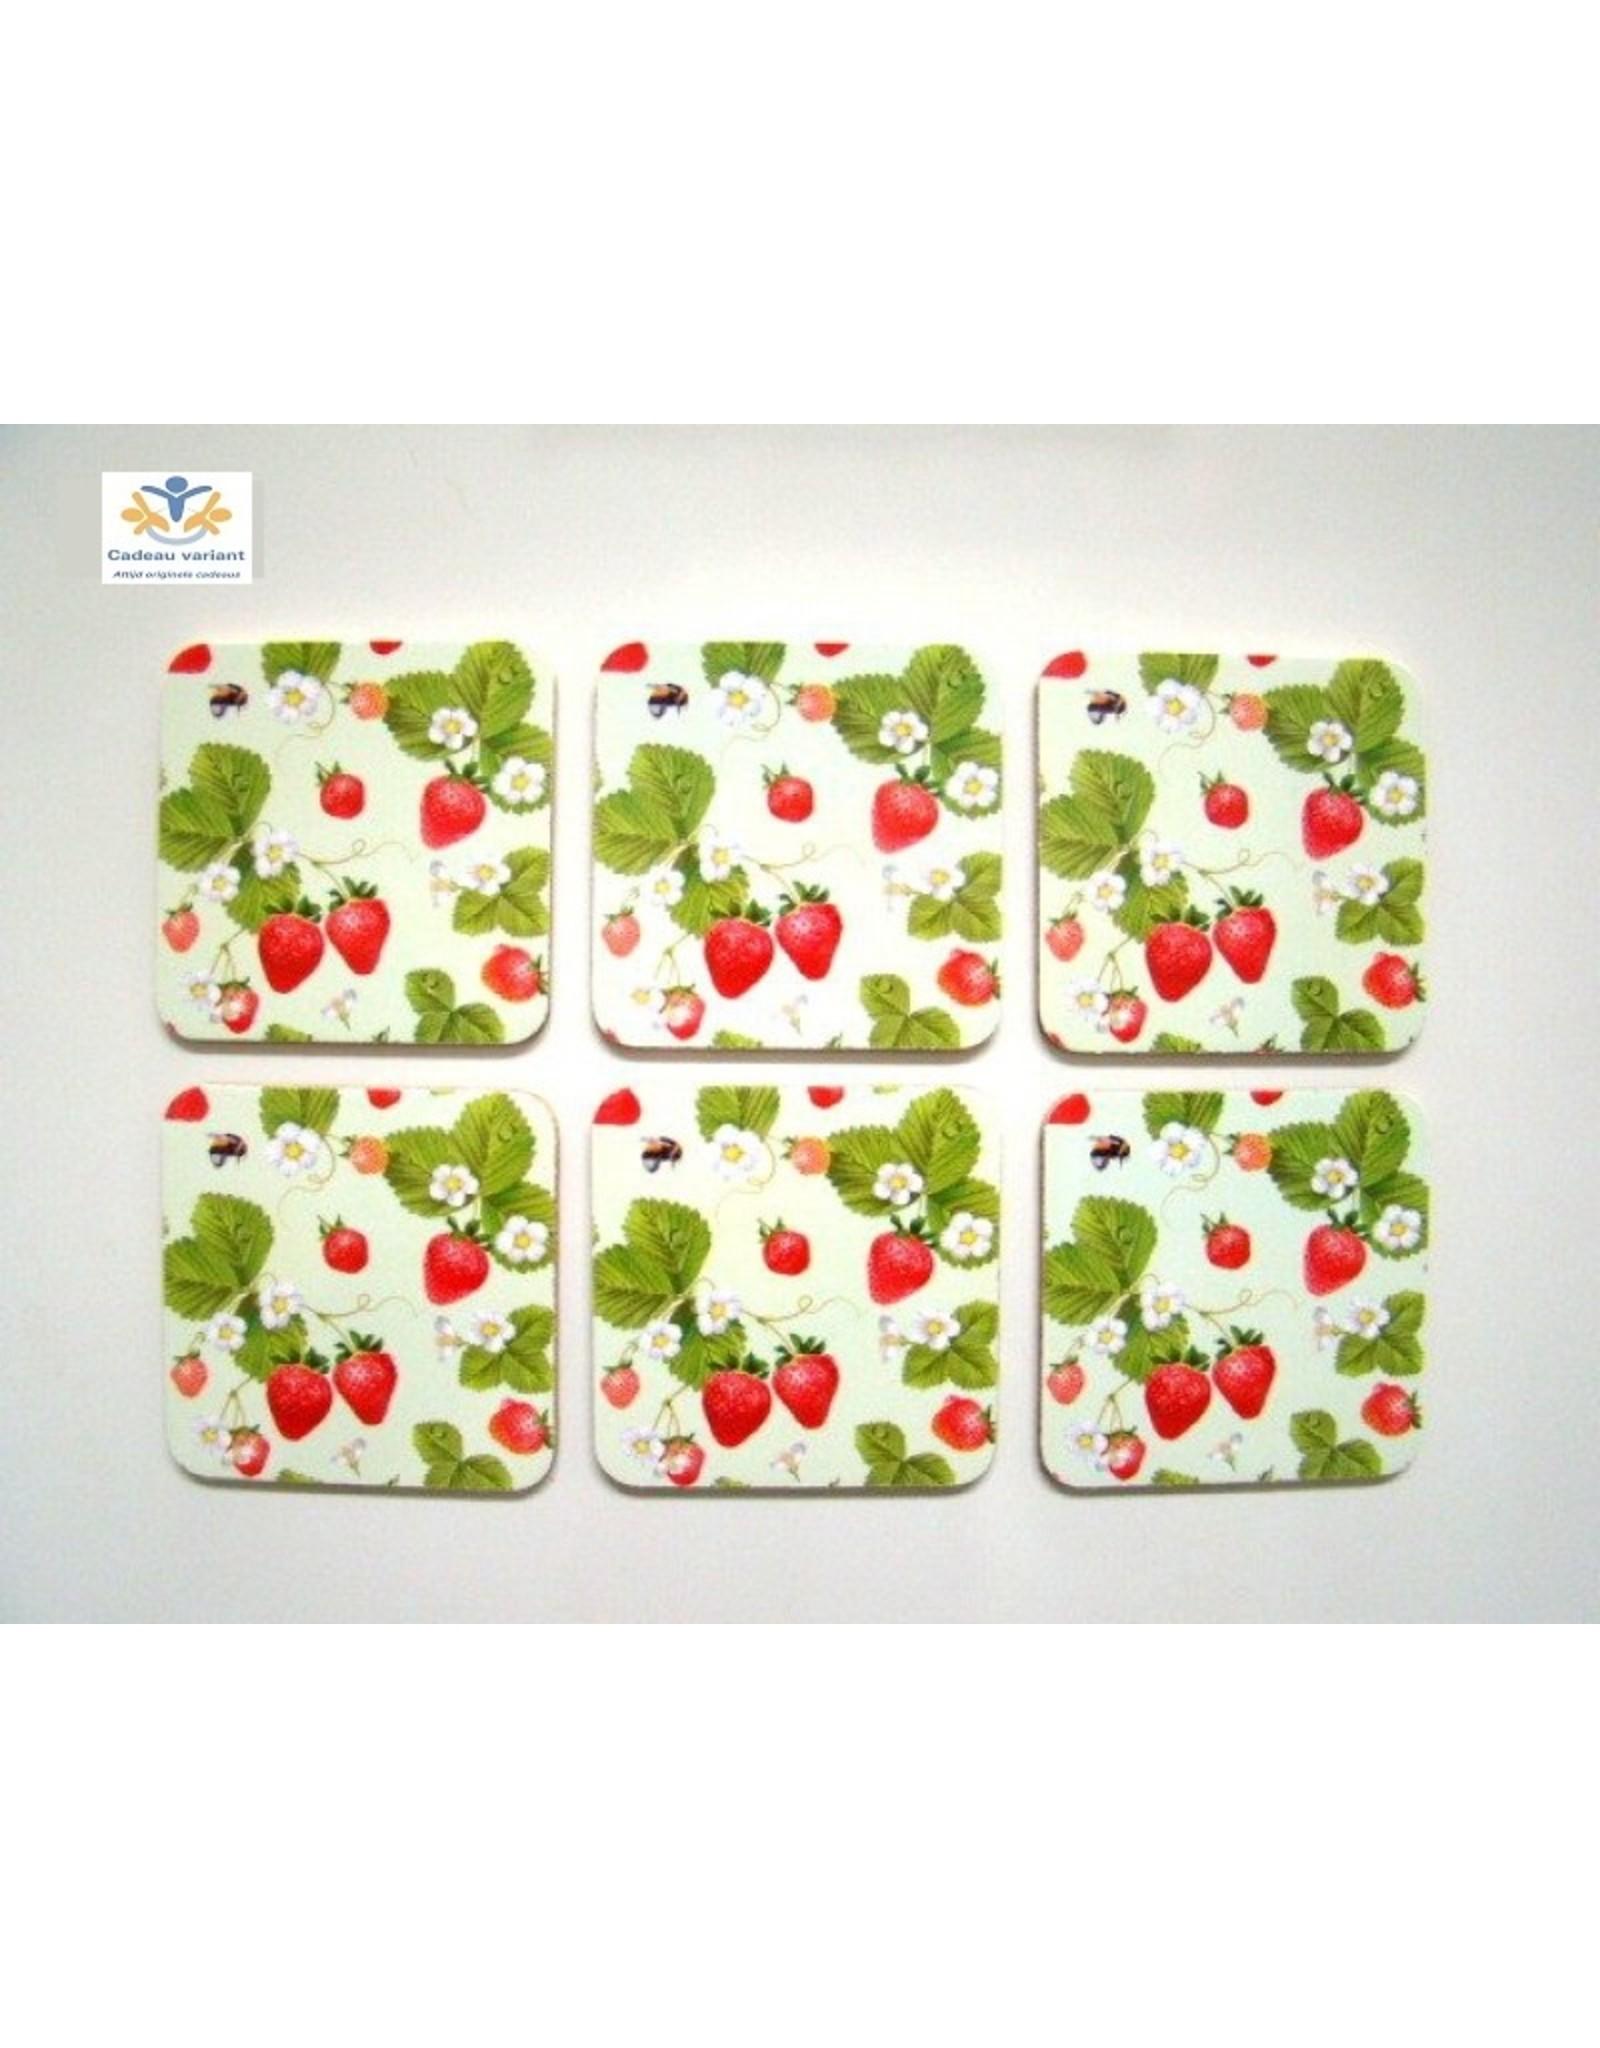 Aardbeien onderzetters 6 stuks